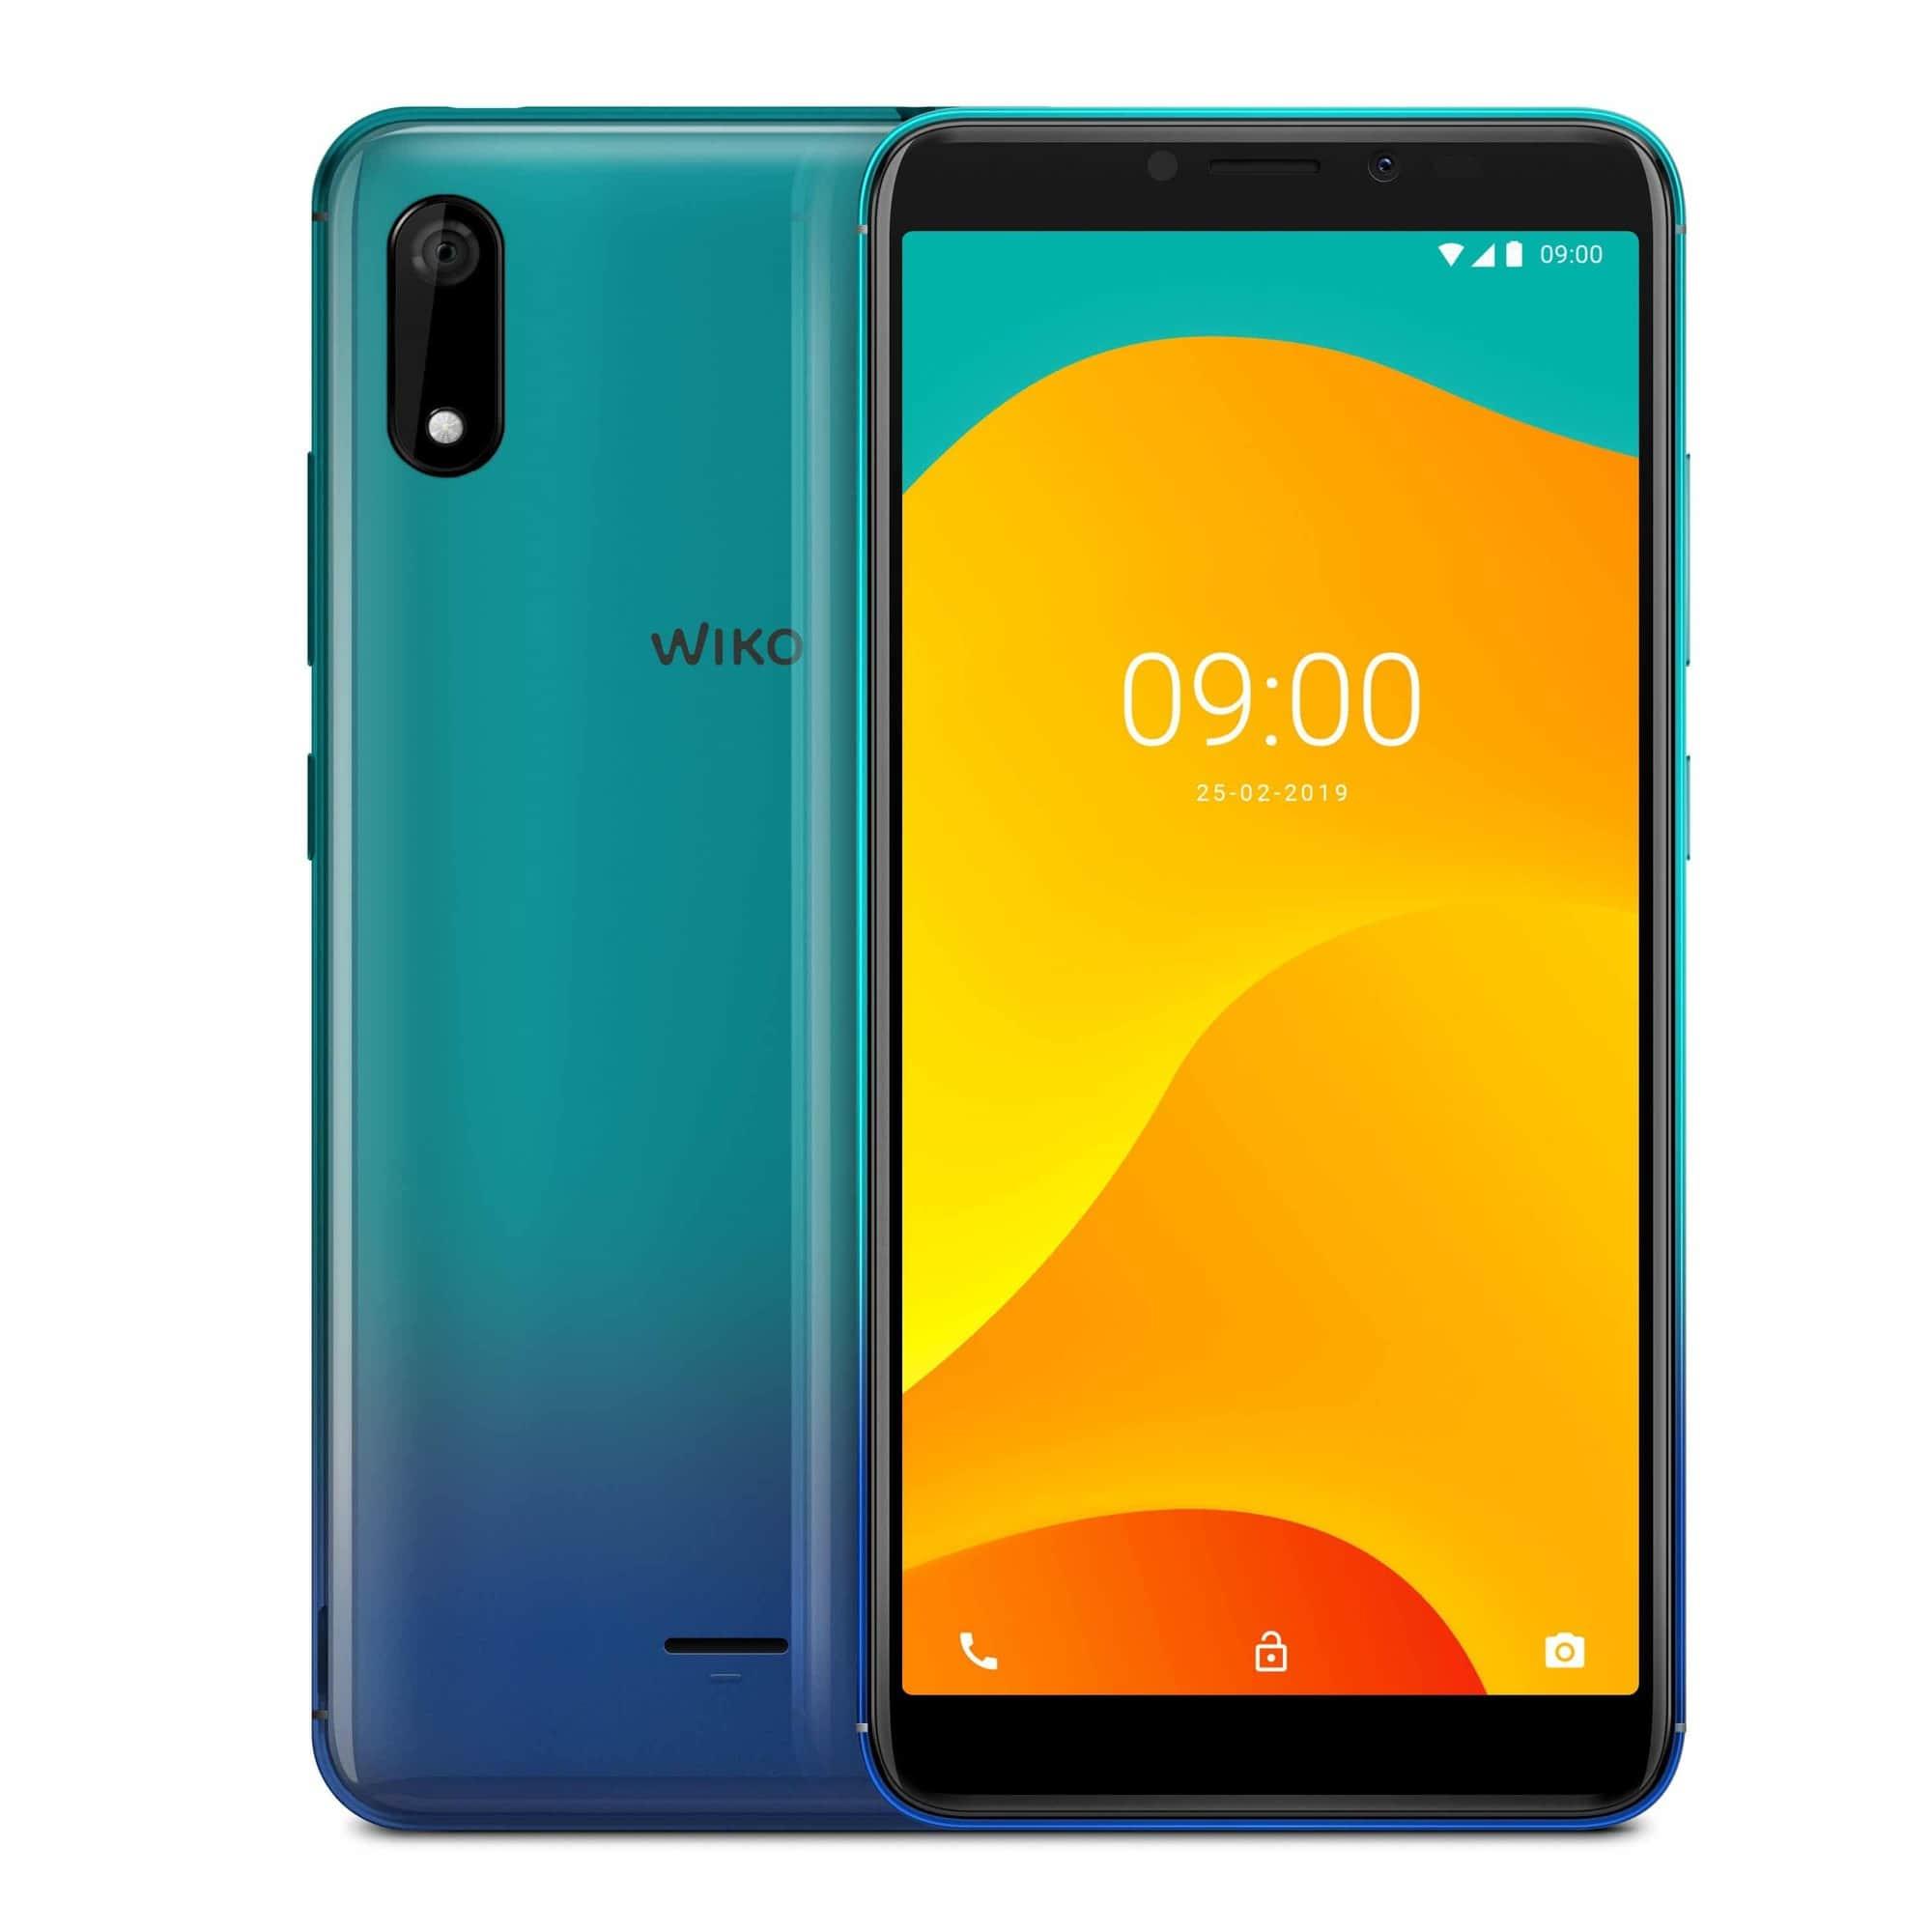 - Wiko Sunny4 Plus มือถือจอกว้างคมชัดในราคาสุดคุ้มค่า